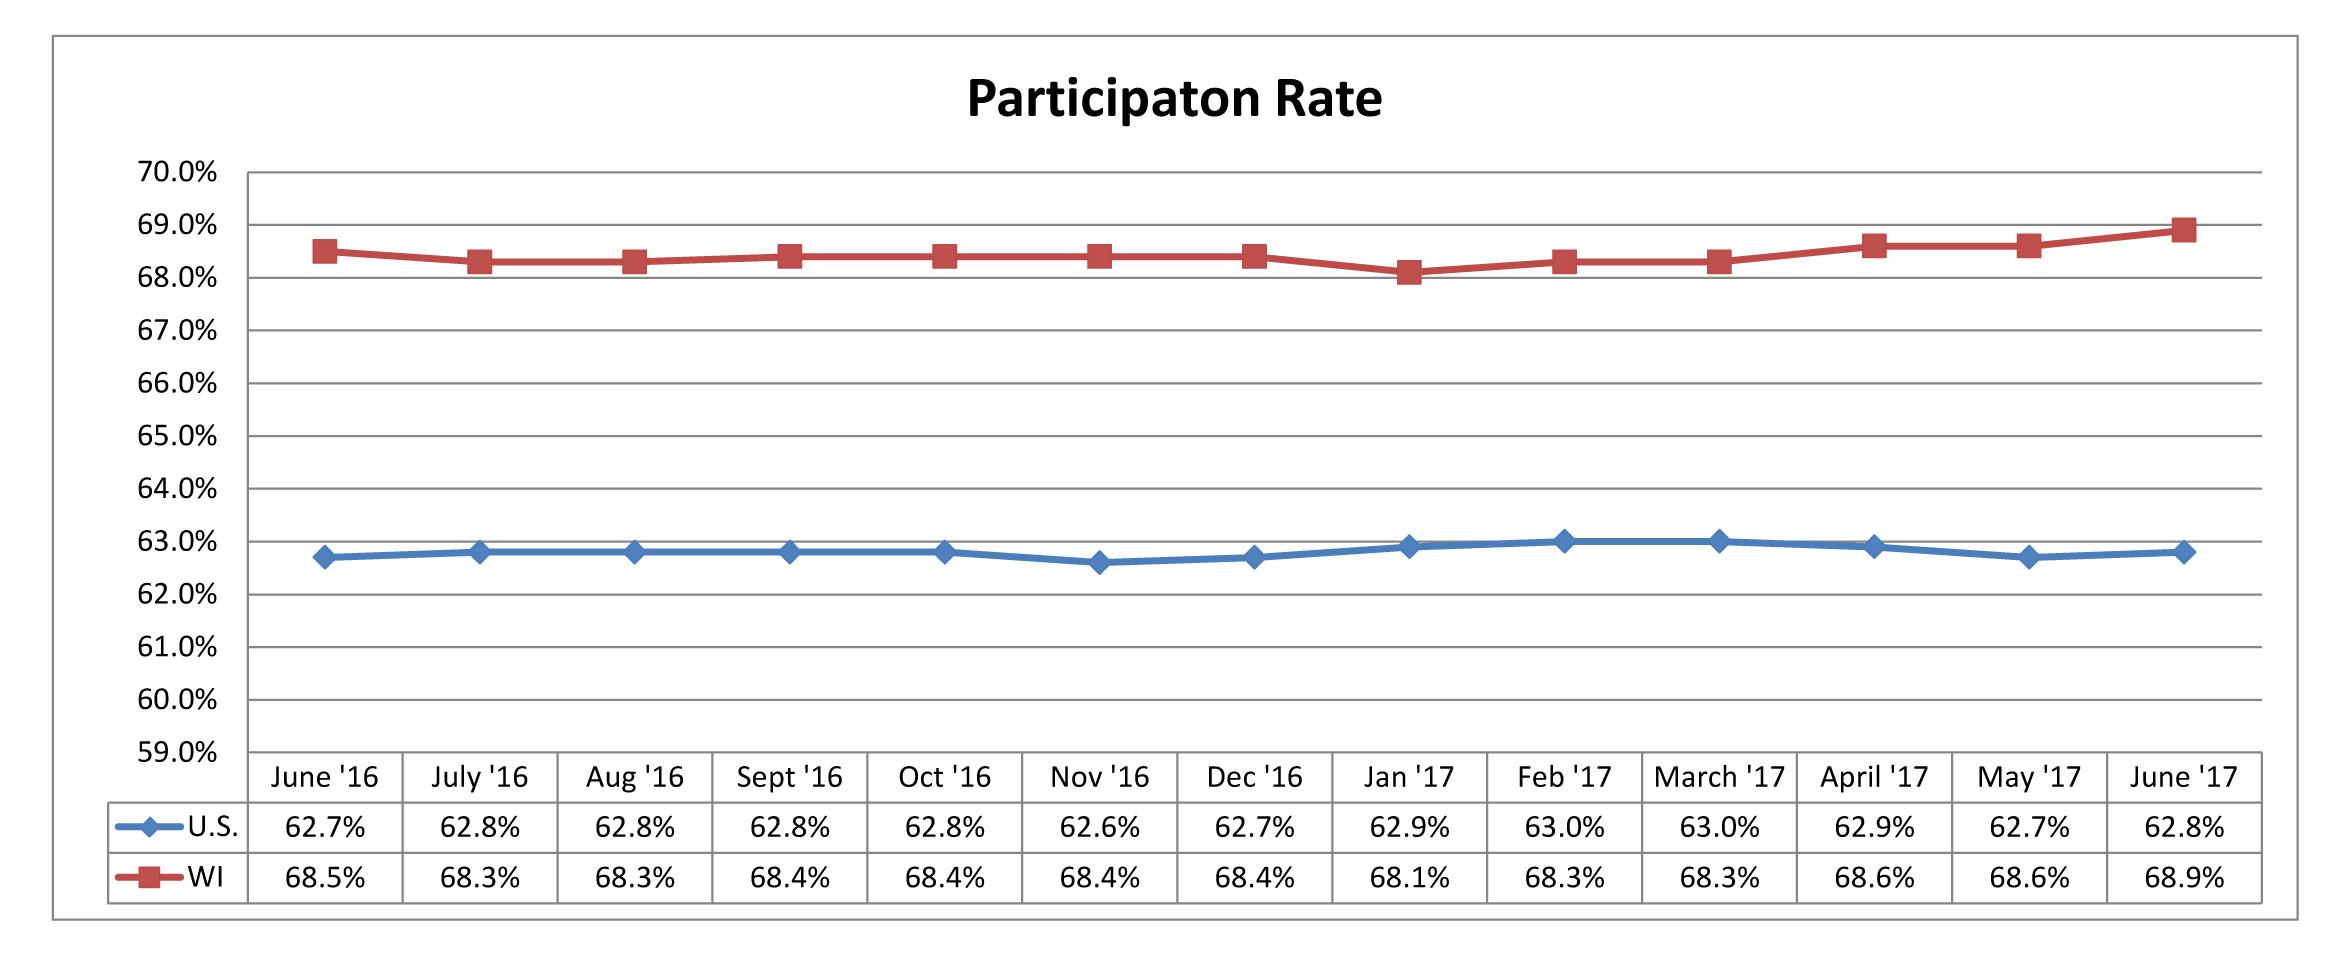 June 2017 Participation Rate